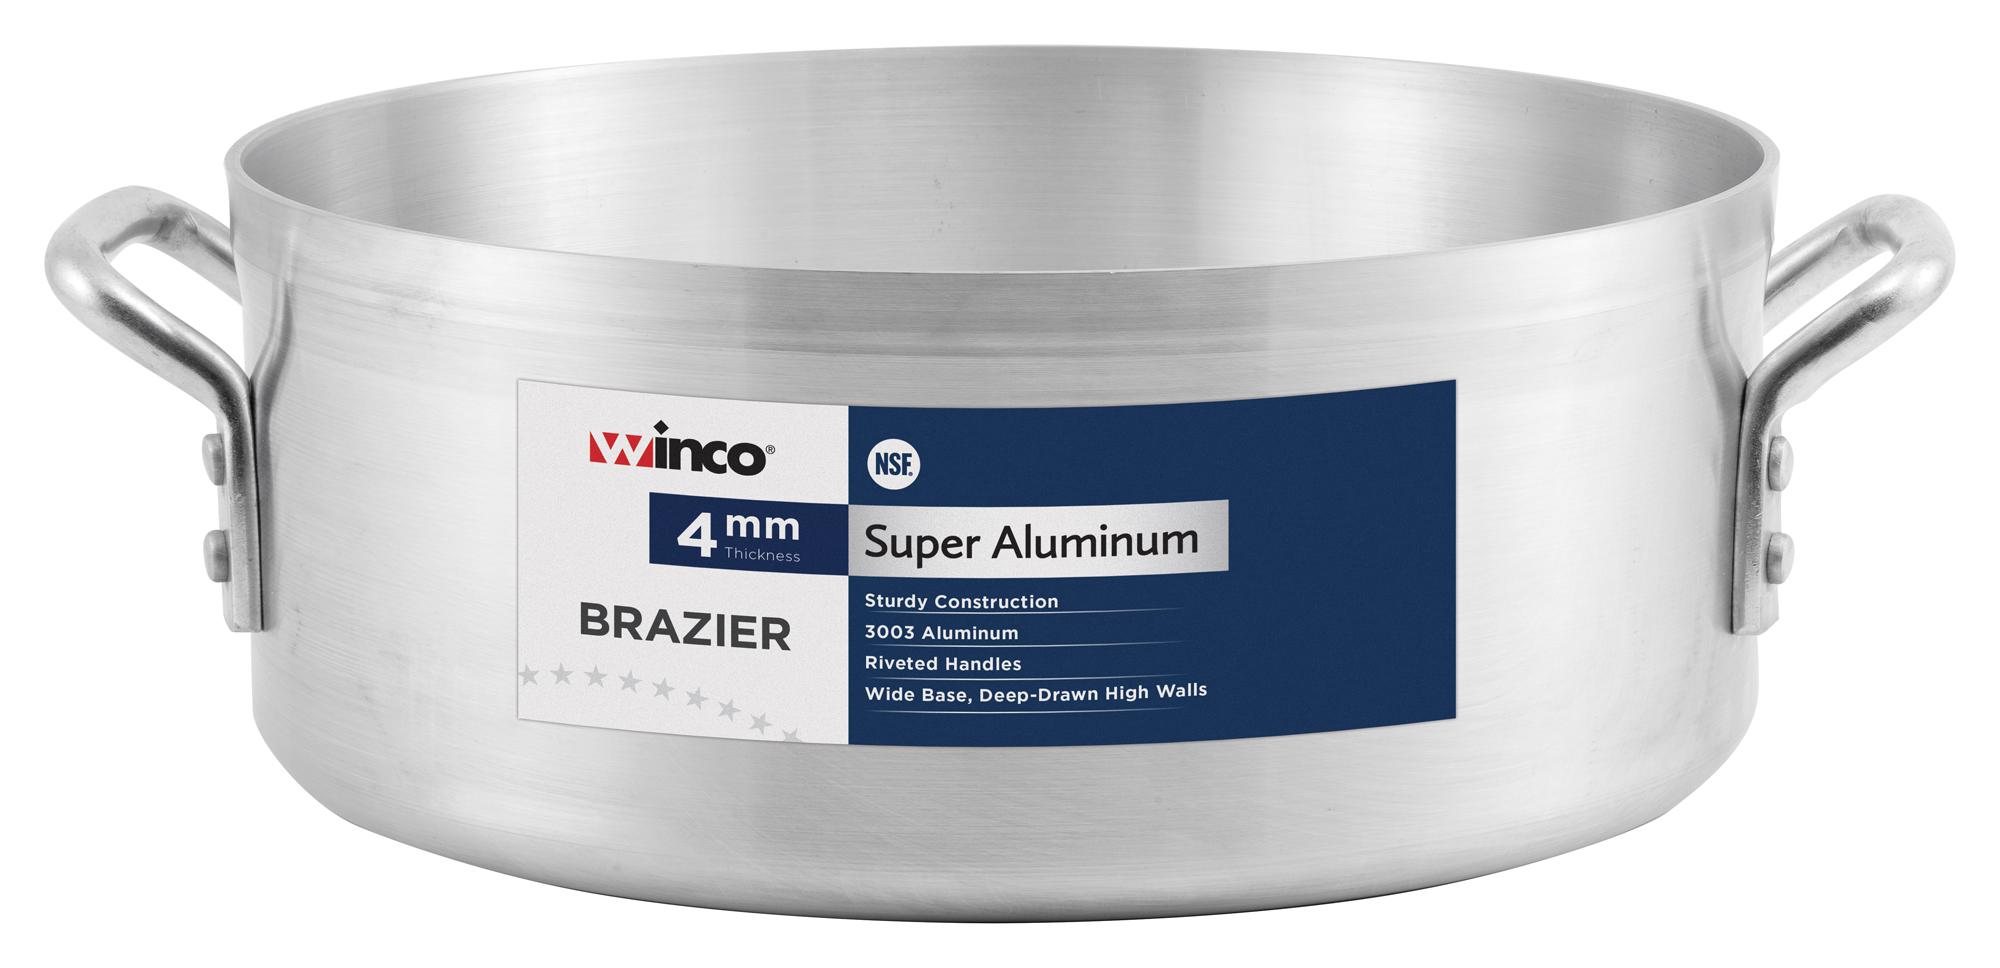 Winco AXBZ-40 brazier